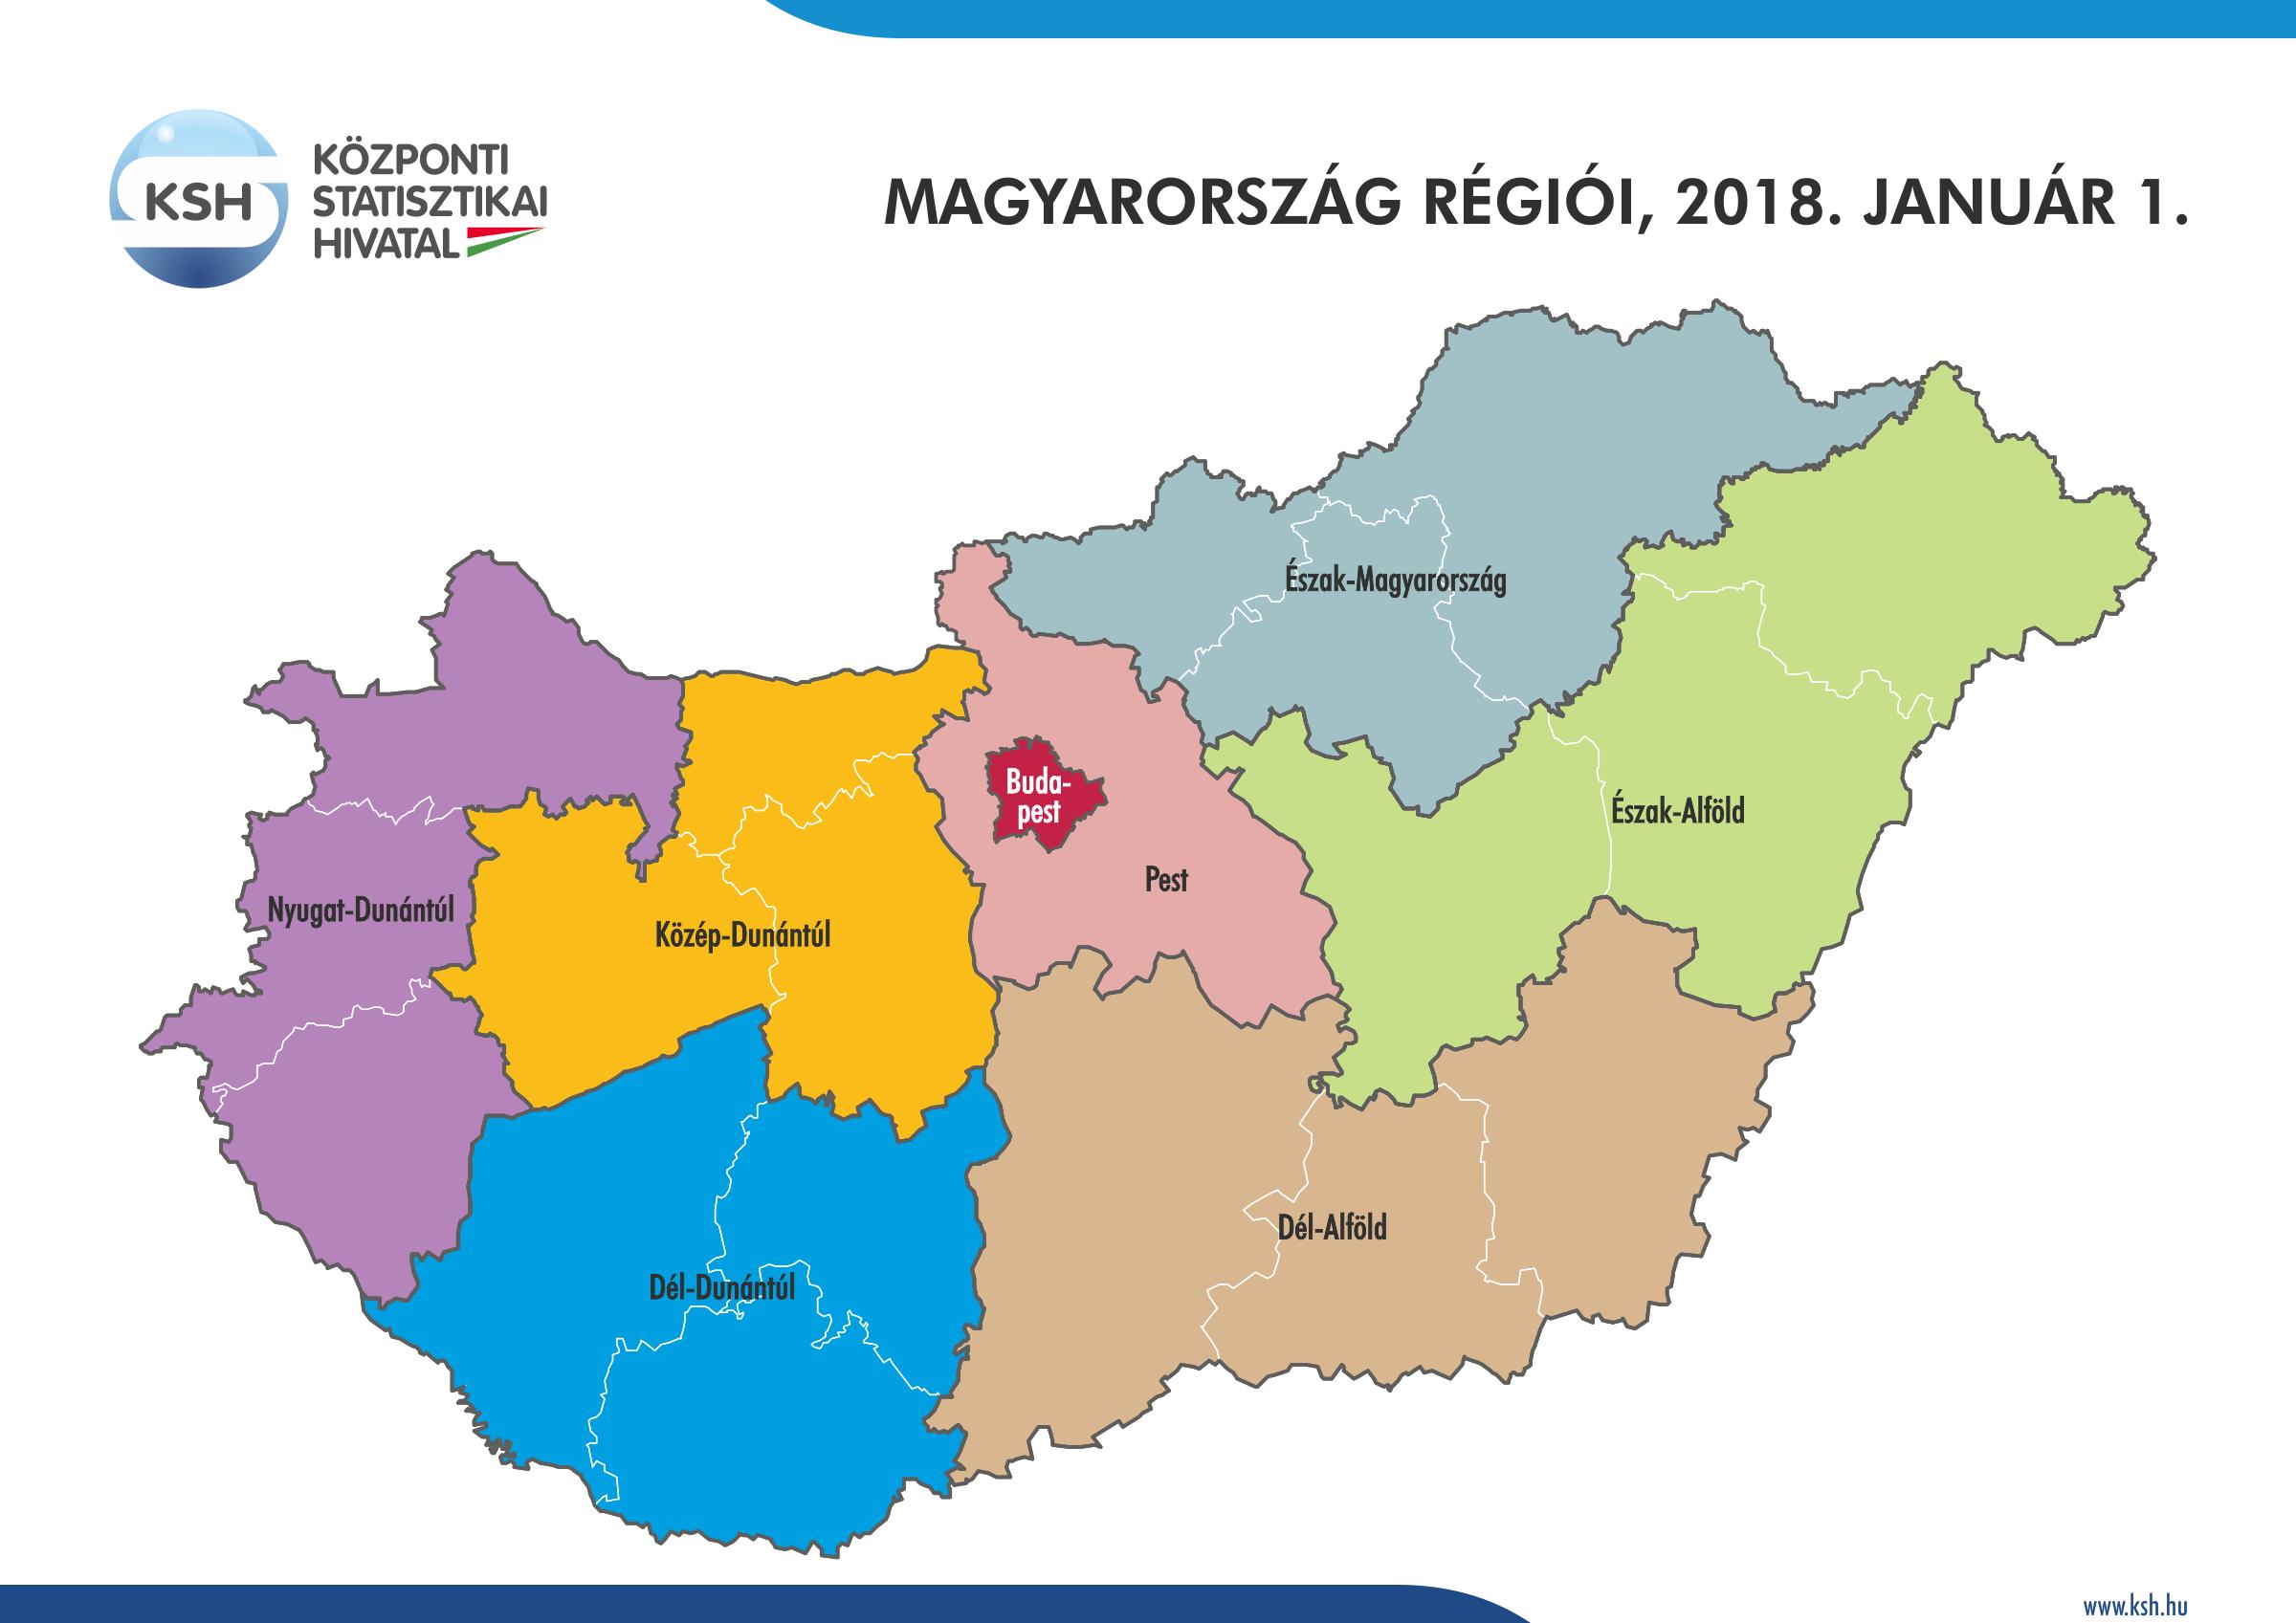 magyarország régiói térkép Központi Statisztikai Hivatal magyarország régiói térkép